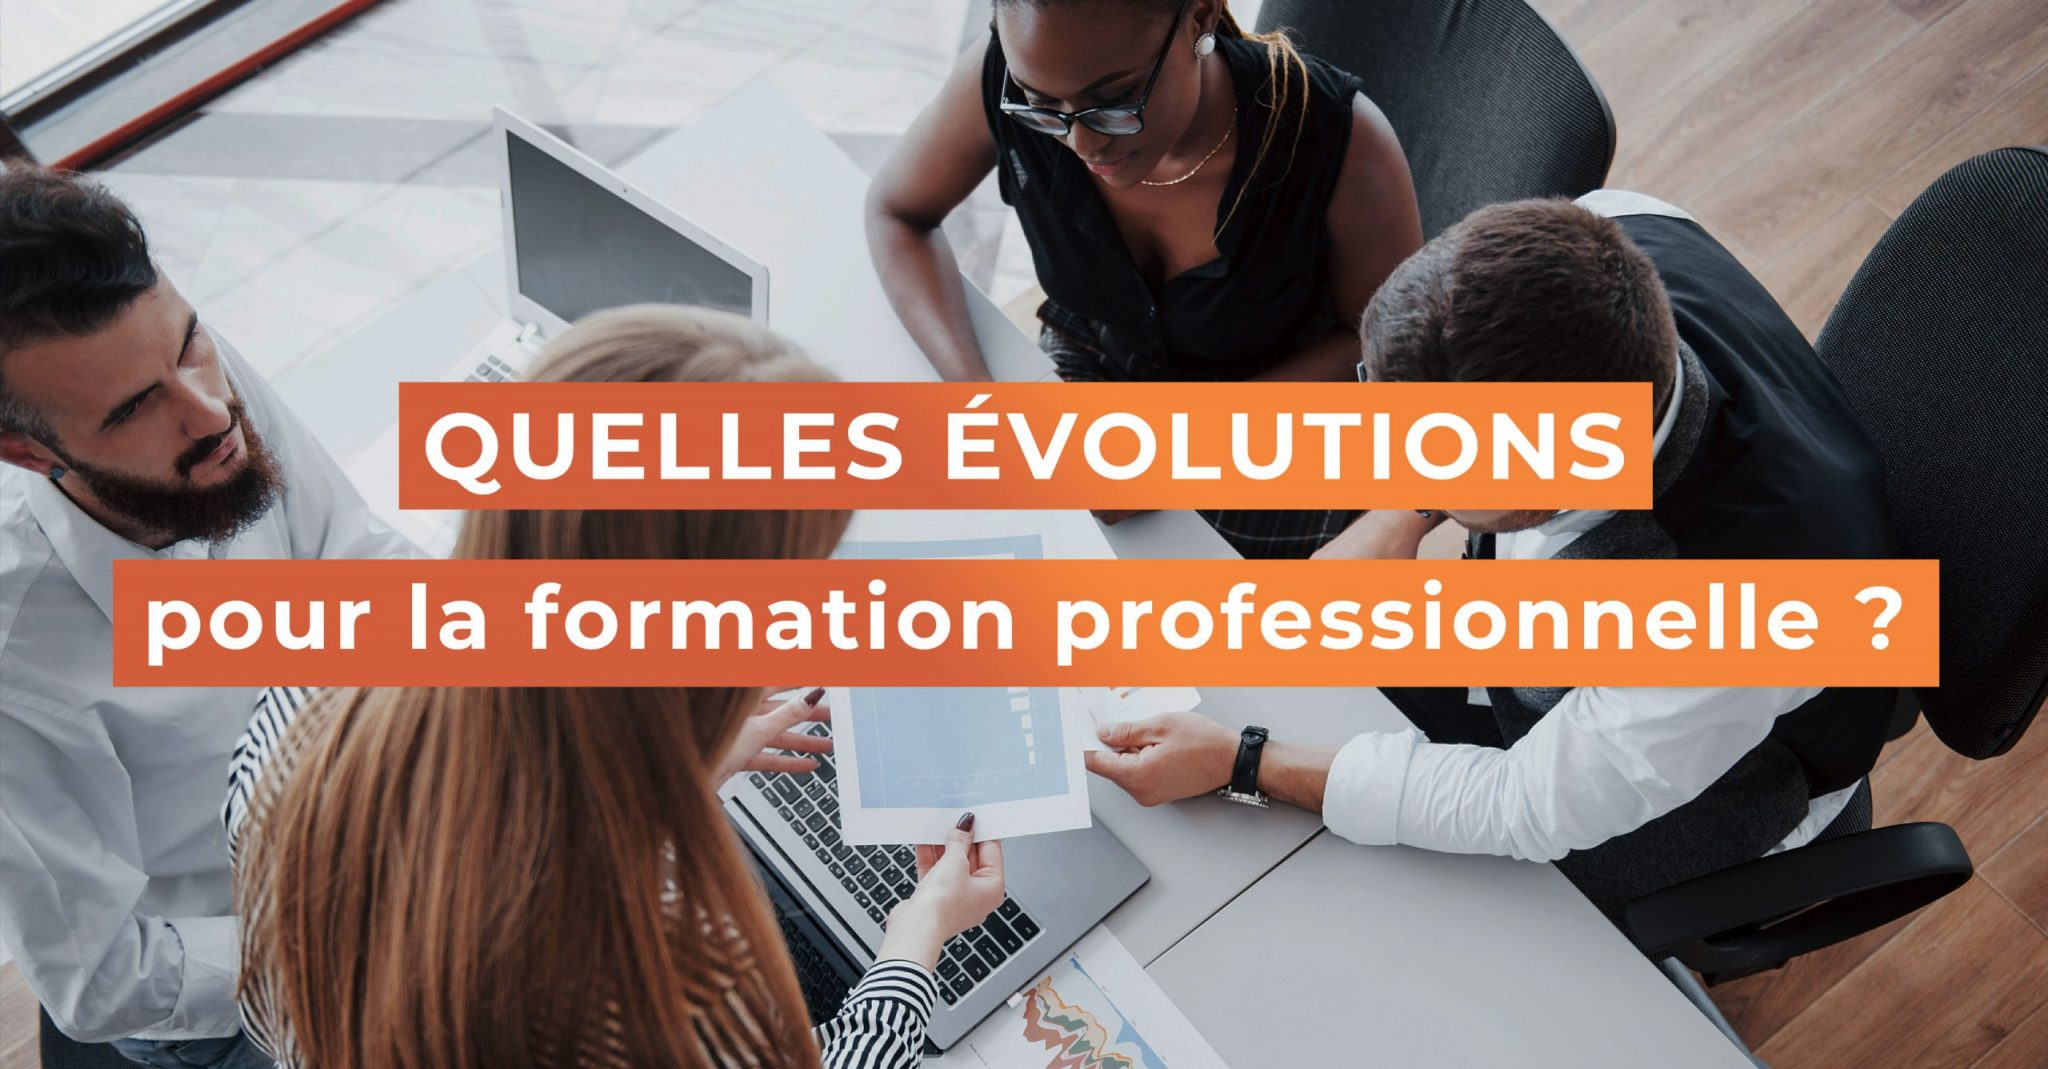 """Featured image for """"Quelles évolutions pour la formation professionnelle ?"""""""